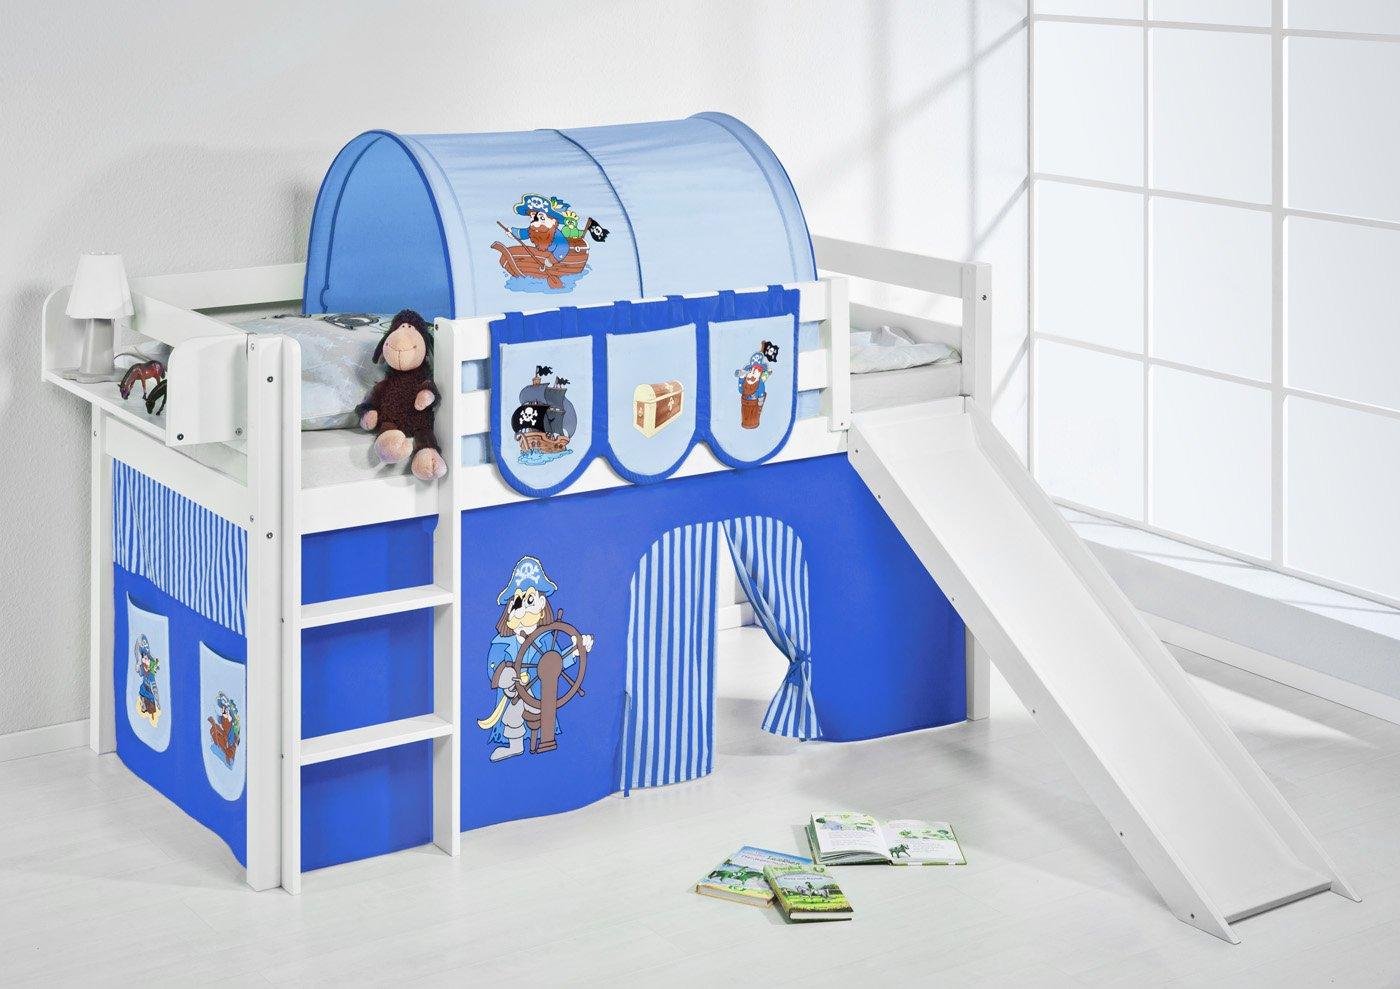 Spielbett JELLE Pirat Blau Lilokids Hochbett LILOKIDS weiß mit Rutsche und Vorhang Blau-Weiß Weiß kiefer günstig